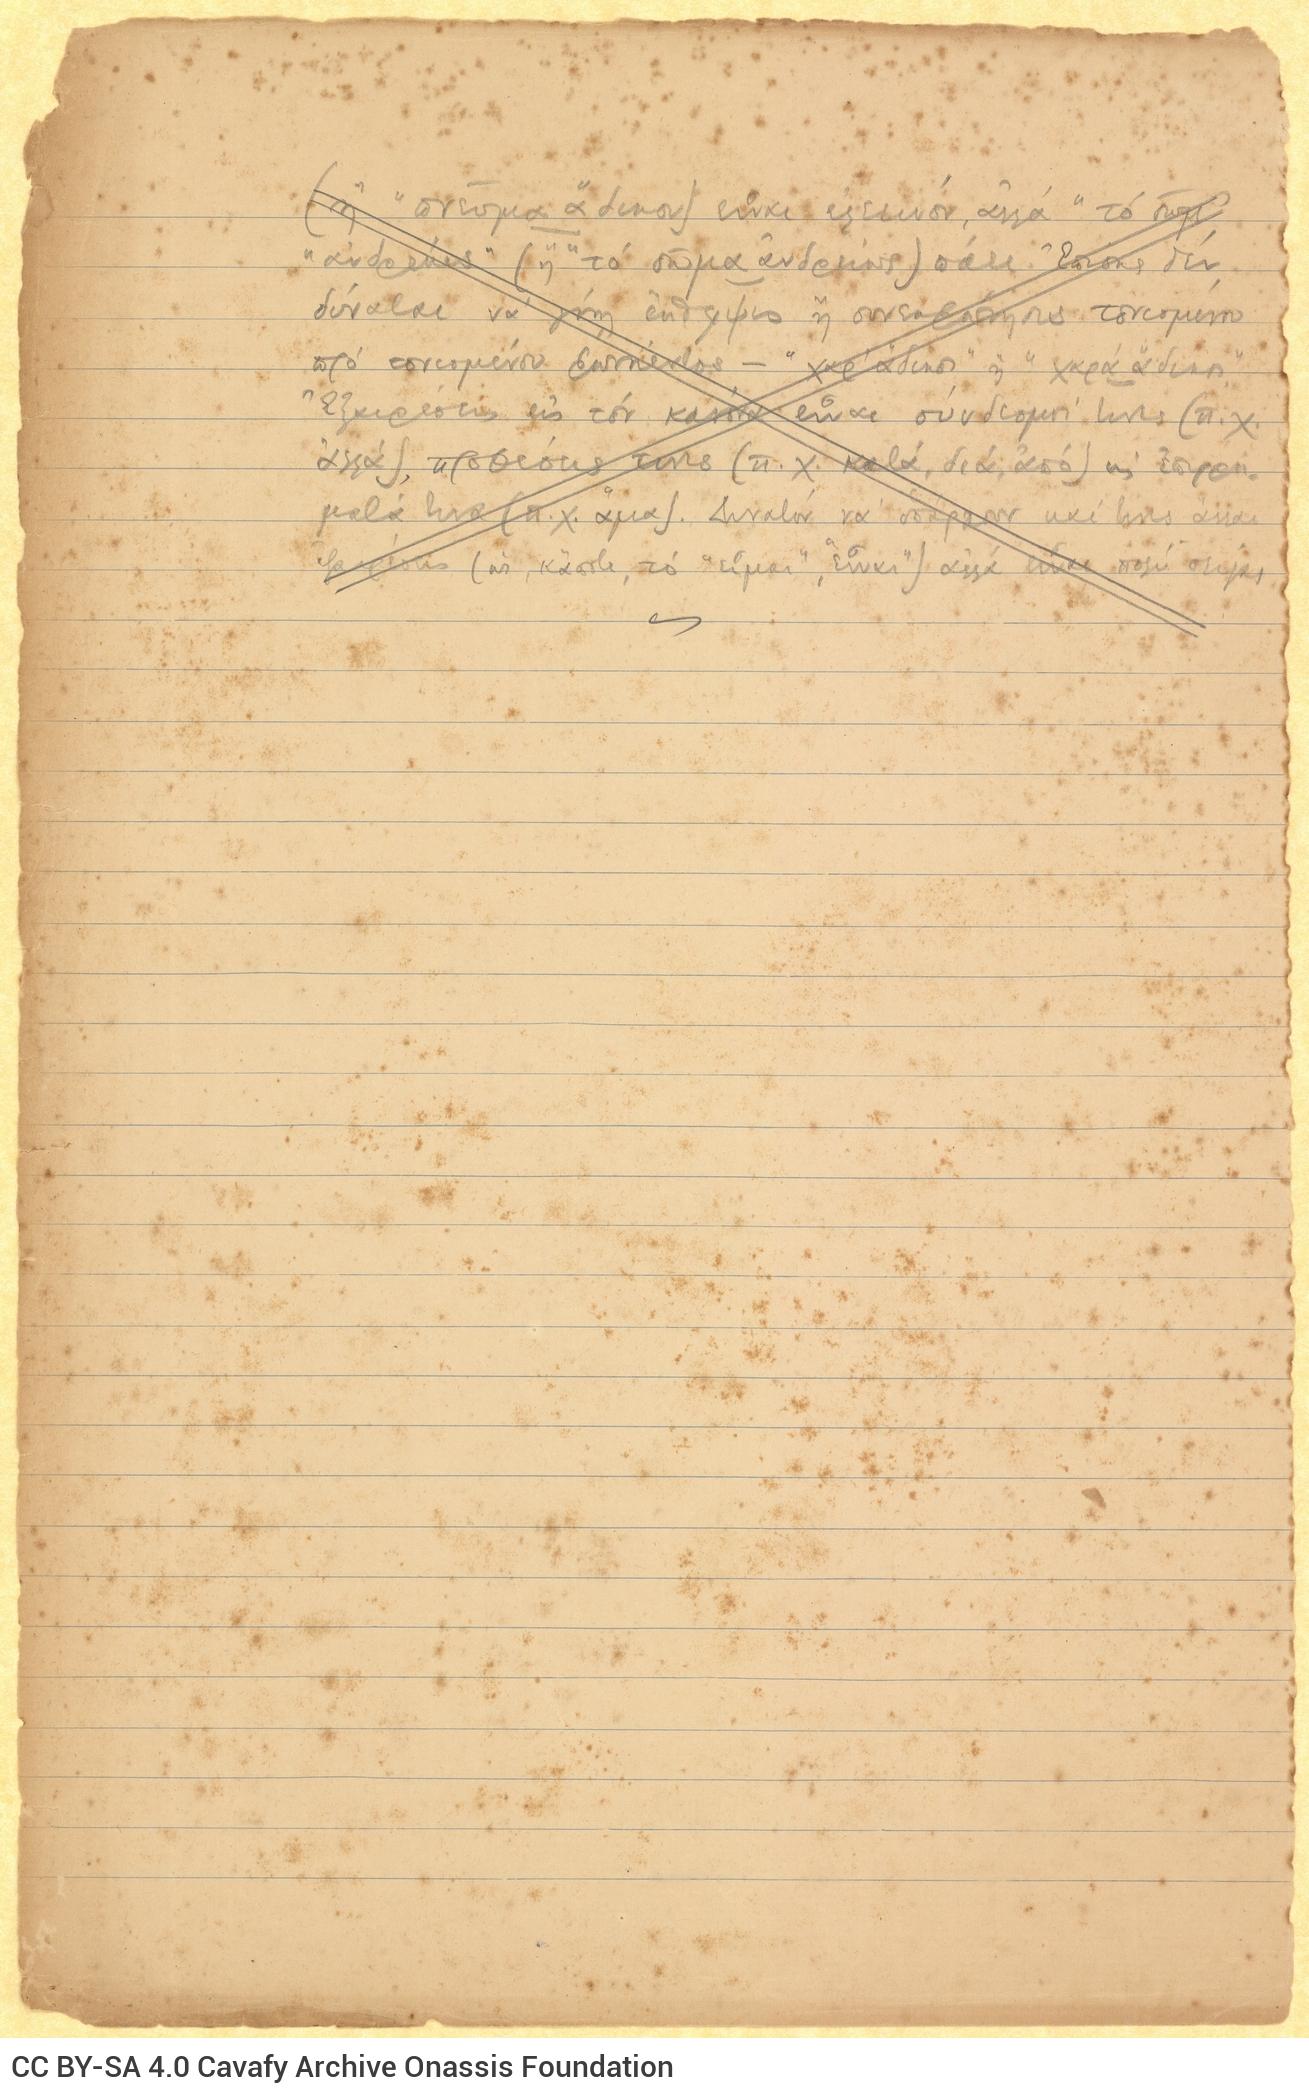 Χειρόγραφο στις δύο όψεις διαγραμμισμένου φύλλου, σχετικό με τα δη